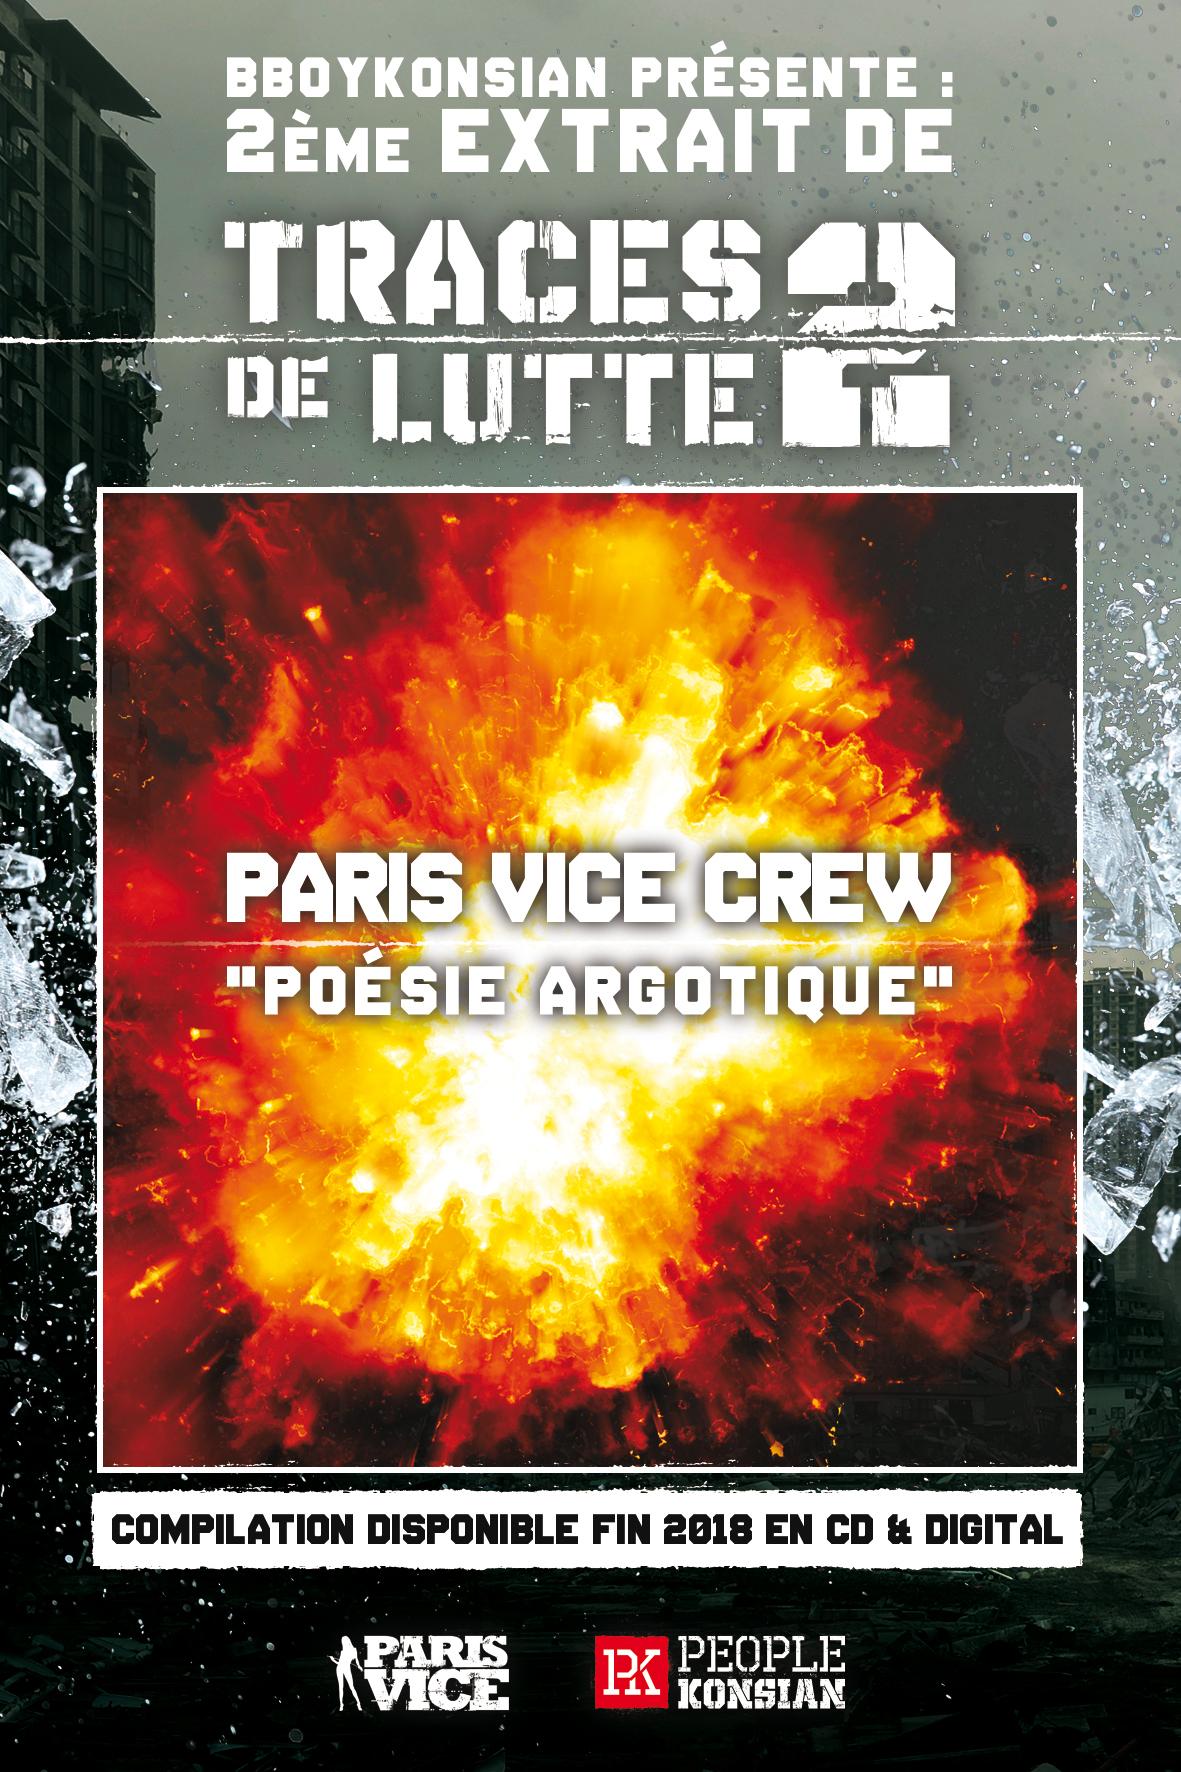 """2ème extrait de la compilation """"Traces de lutte 2"""" : Paris Vice Crew """"Poésie argotique"""""""